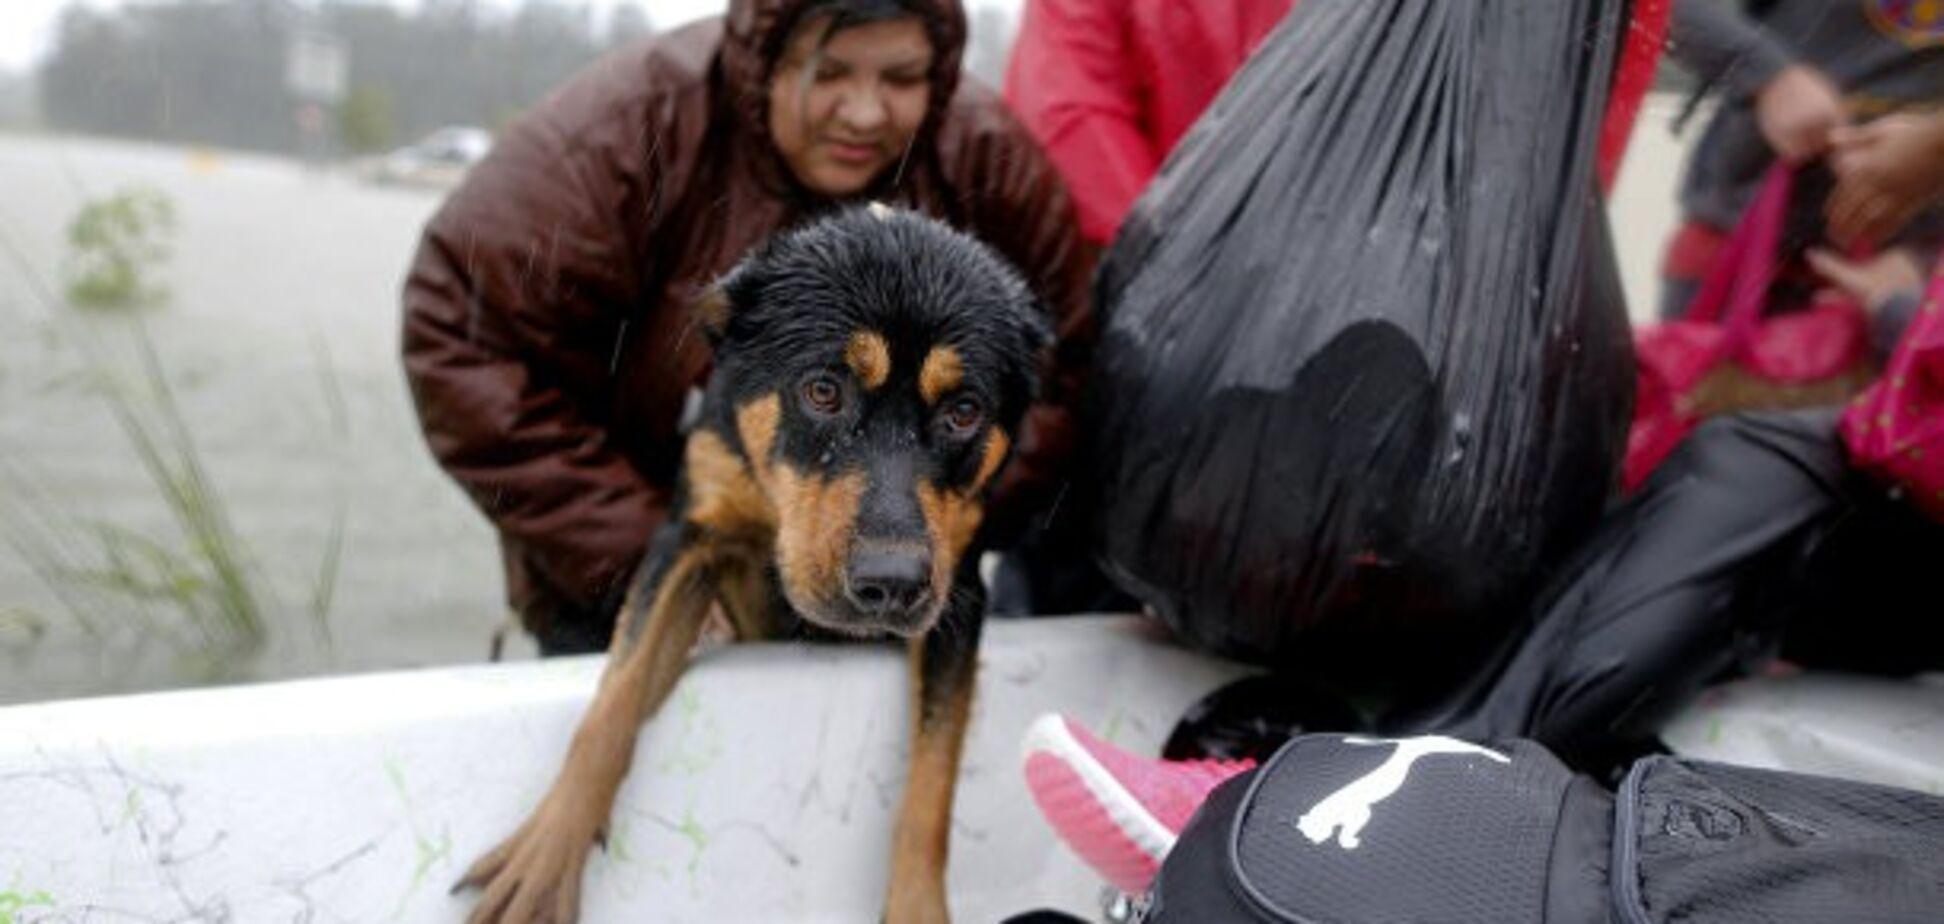 Подвиг заради домашніх вихованців: як американці рятують тварин від урагану 'Харві'